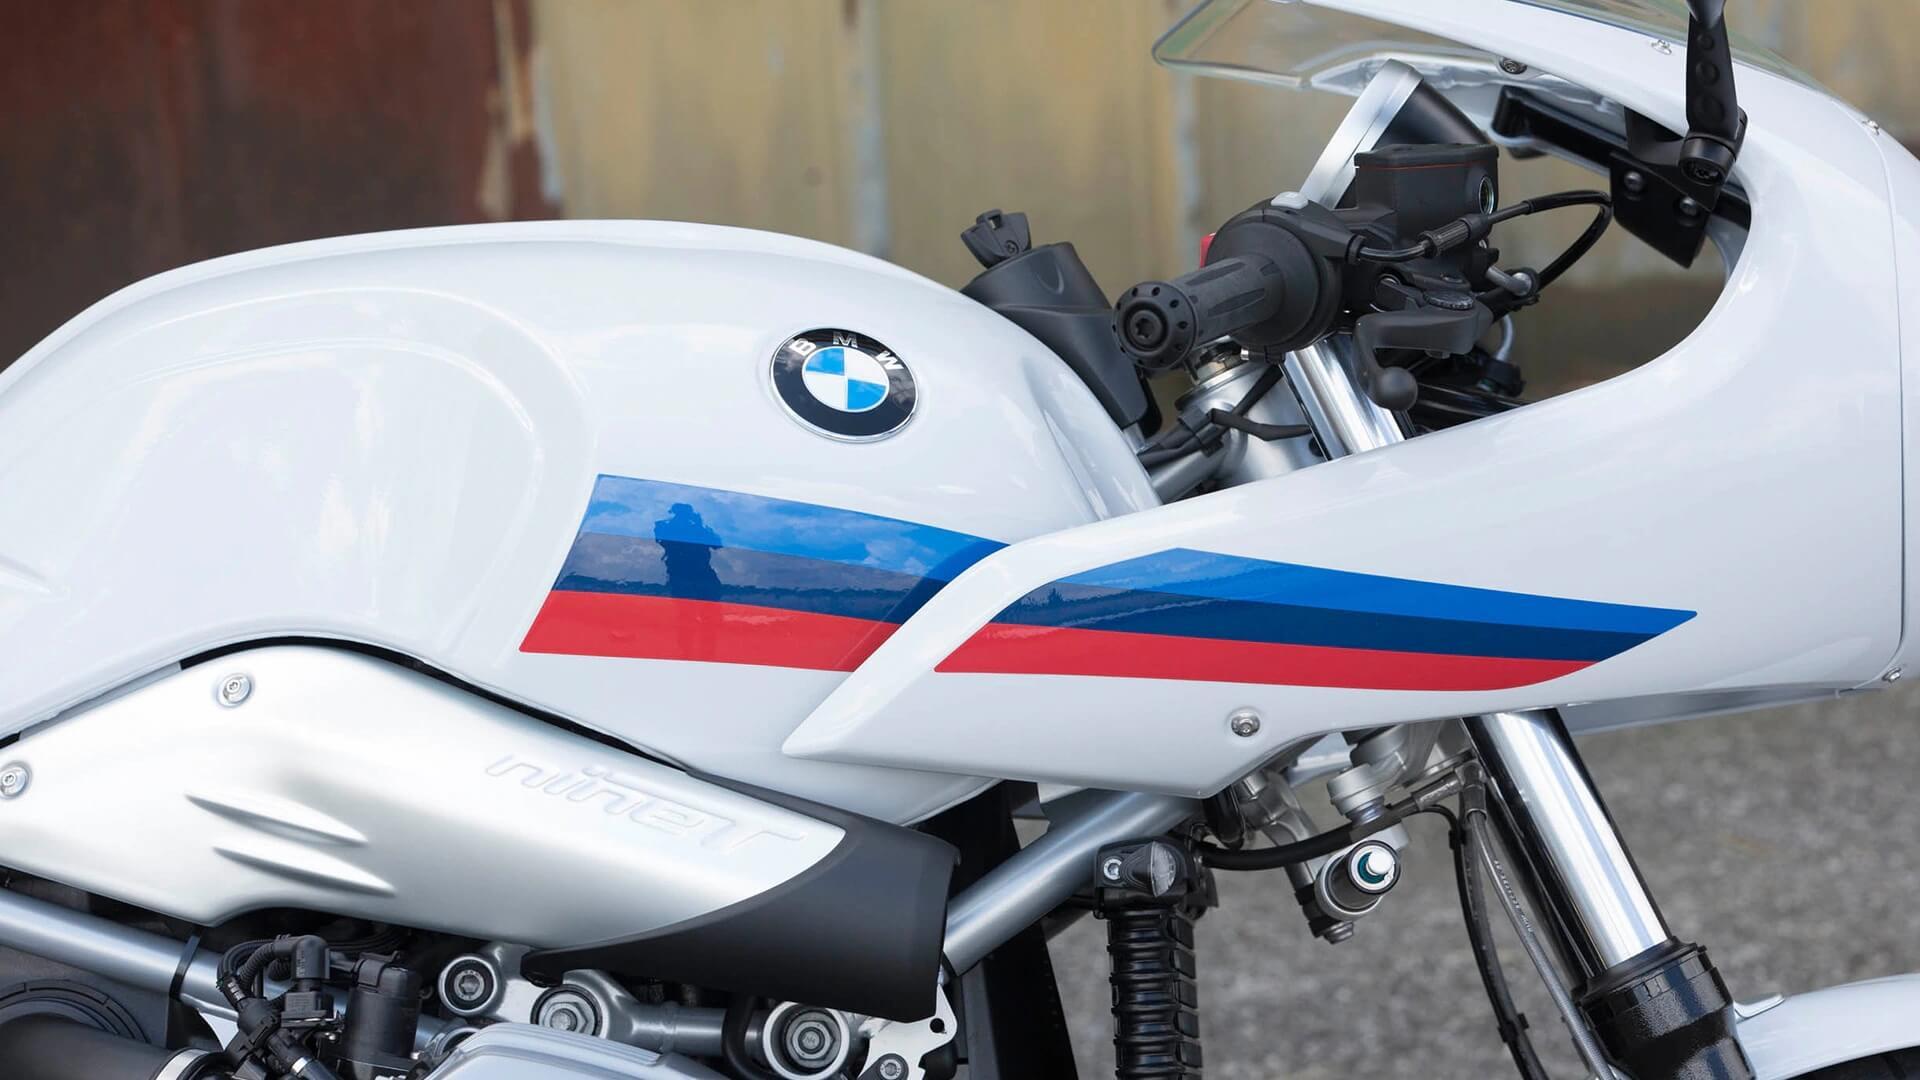 Декали в цветах спортивного отделения BMW Motorrad.